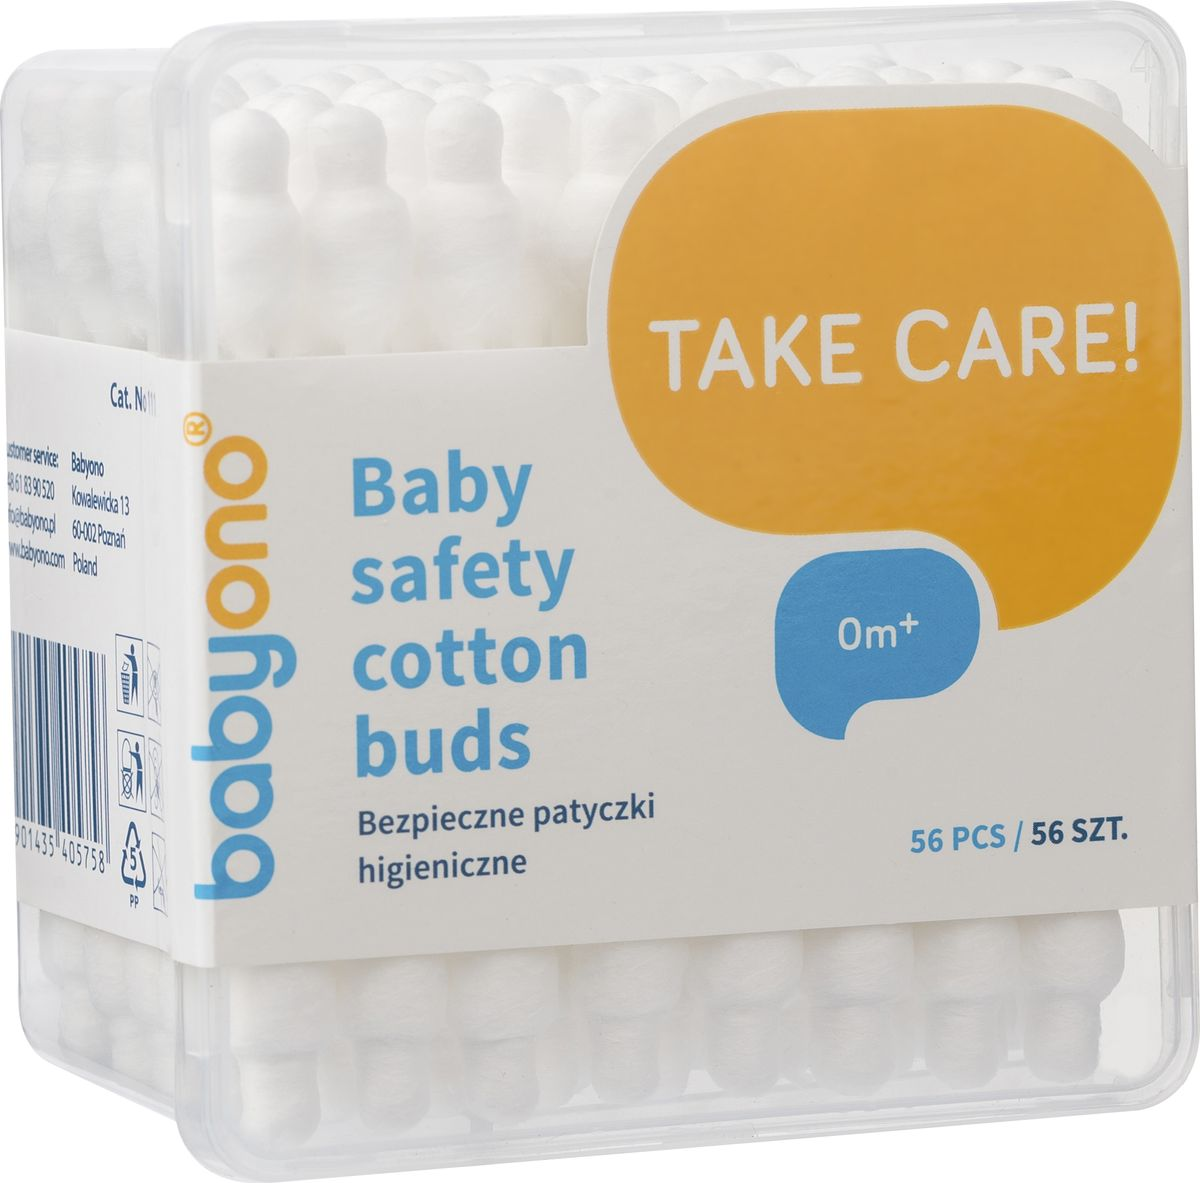 BabyOno Ватные палочки с ограничителем 56 шт111Детские ватные палочки от BabyOno идеально подходят для гигиены вашего малыша. Каждая палочка имеет ограничитель, для дополнительной безопасности при использовании, плотную намотку, которая изготовлена изнатурального хлопка.Подходят для использования спервых дней жизни.